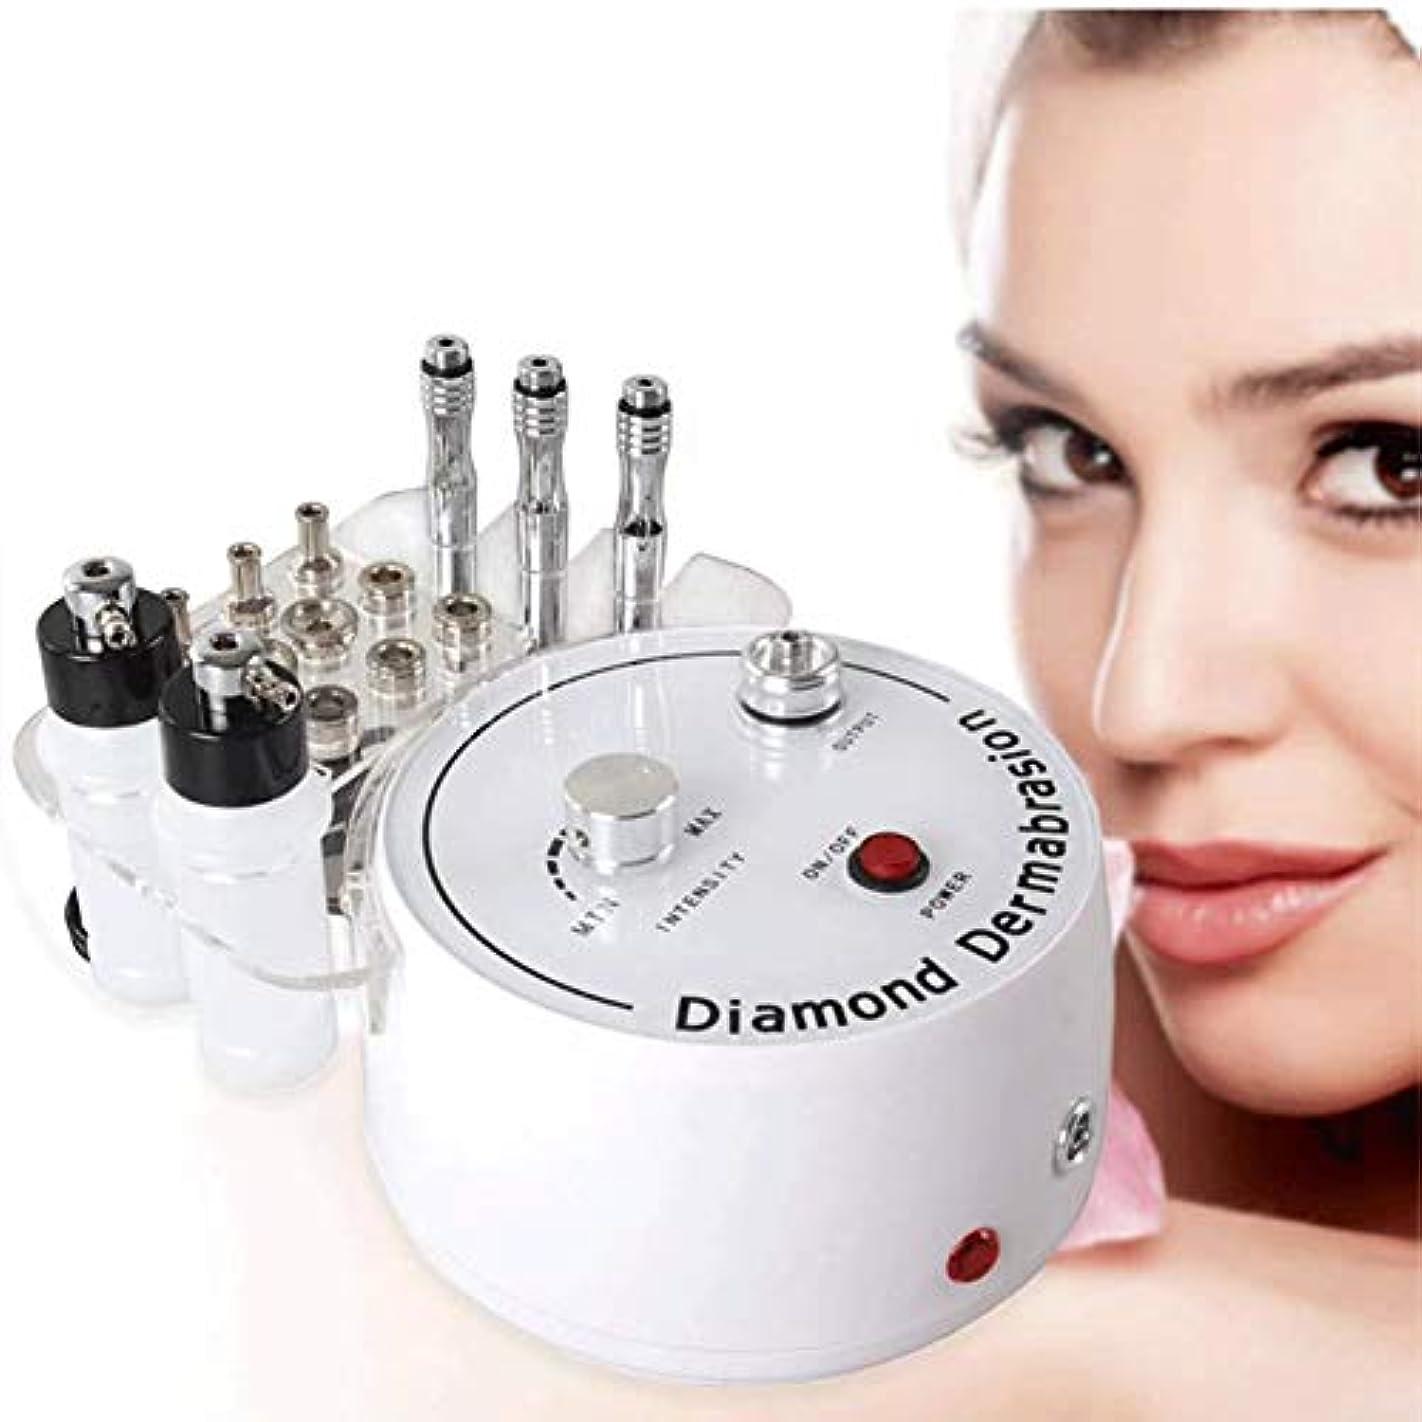 百万中傷鋭く美容機、3 In1とダイヤモンドマイクロダーマ皮をむき機の水スプレー剥離皮膚剥離マシン除去リンクル